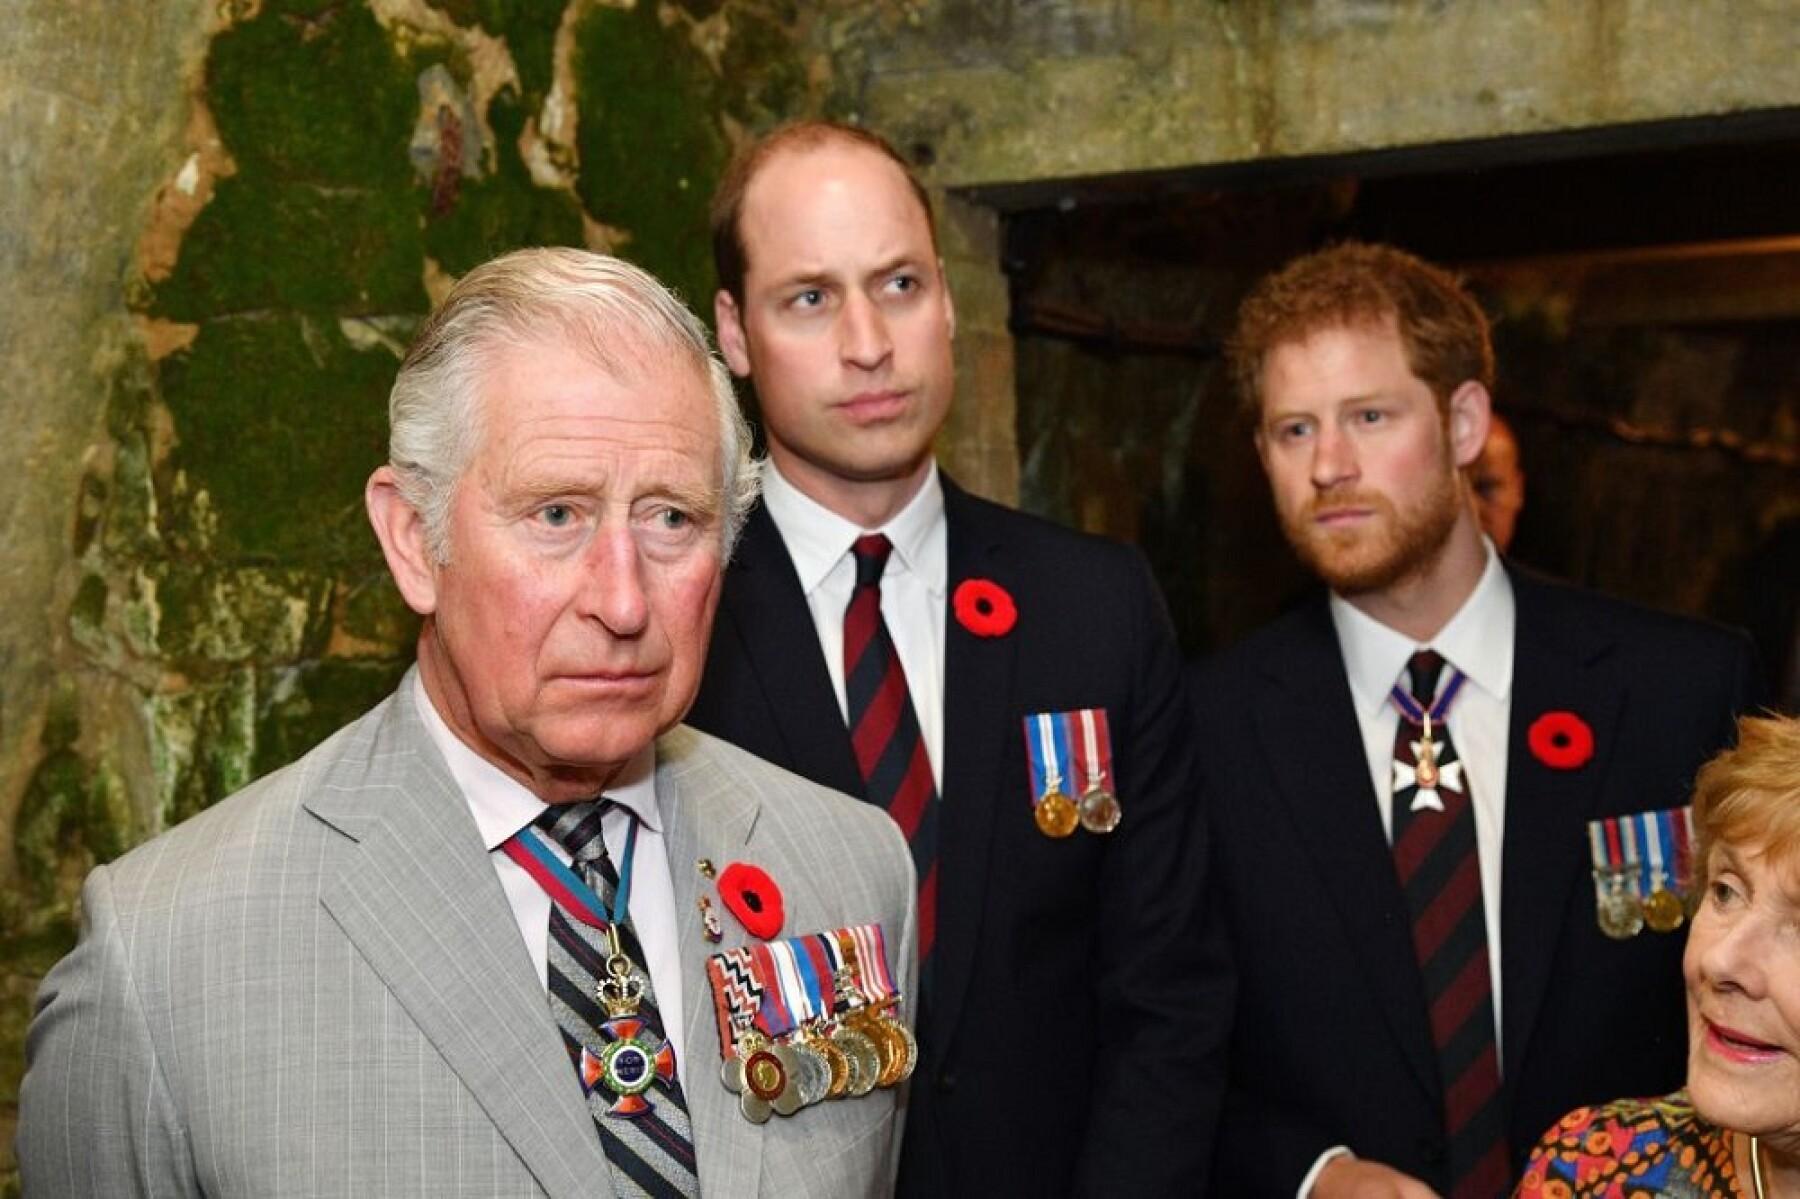 Príncipe Carlos, príncipe William y el príncipe Harry